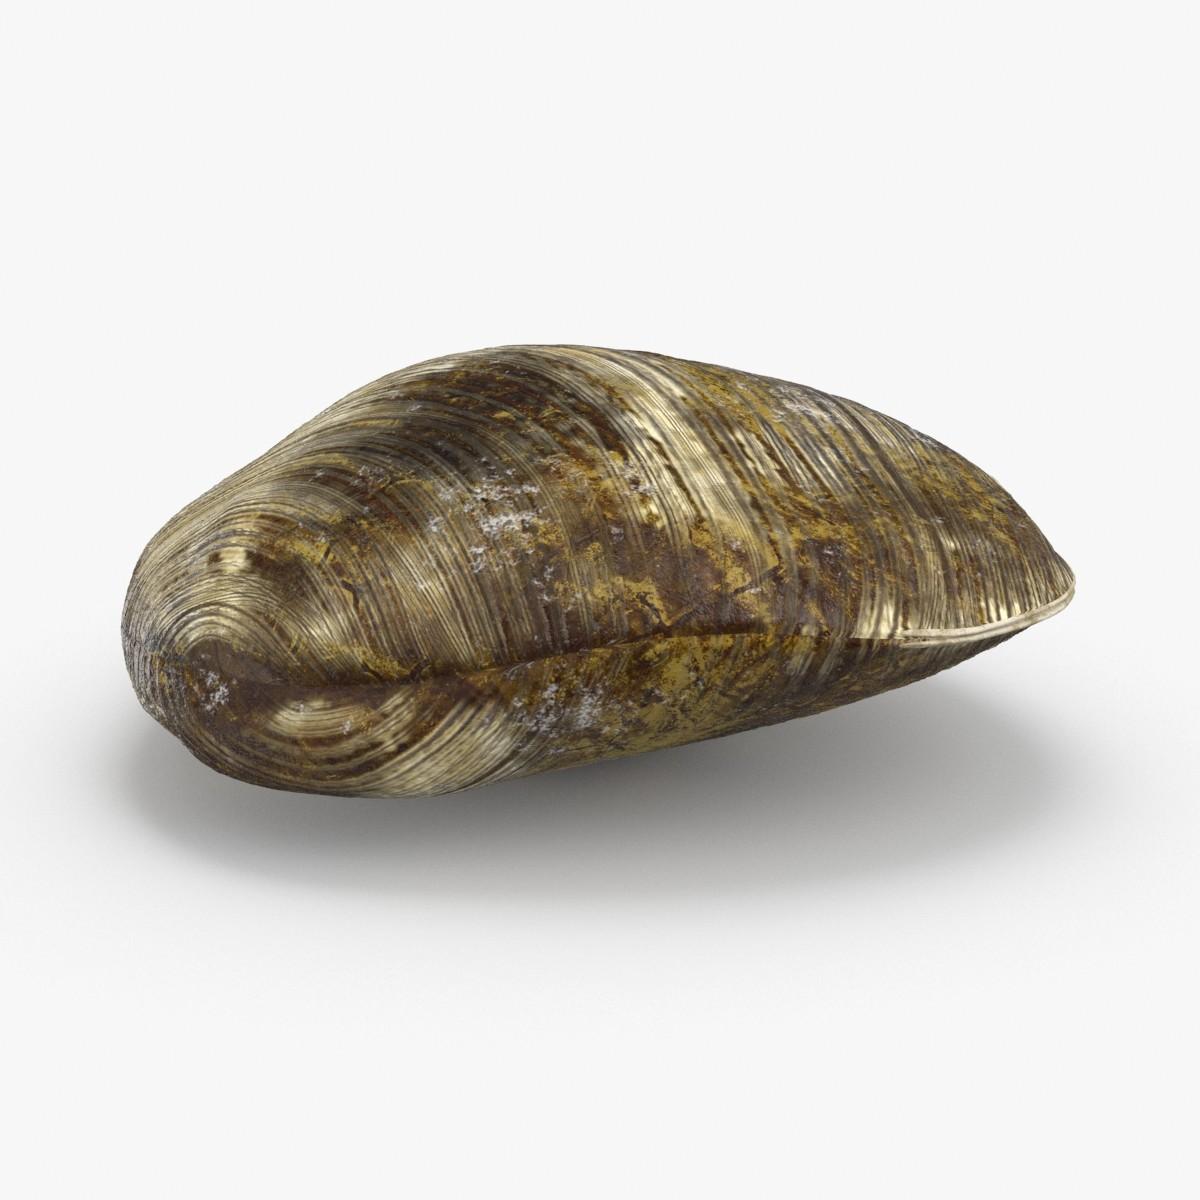 clam---clam-03 3D model